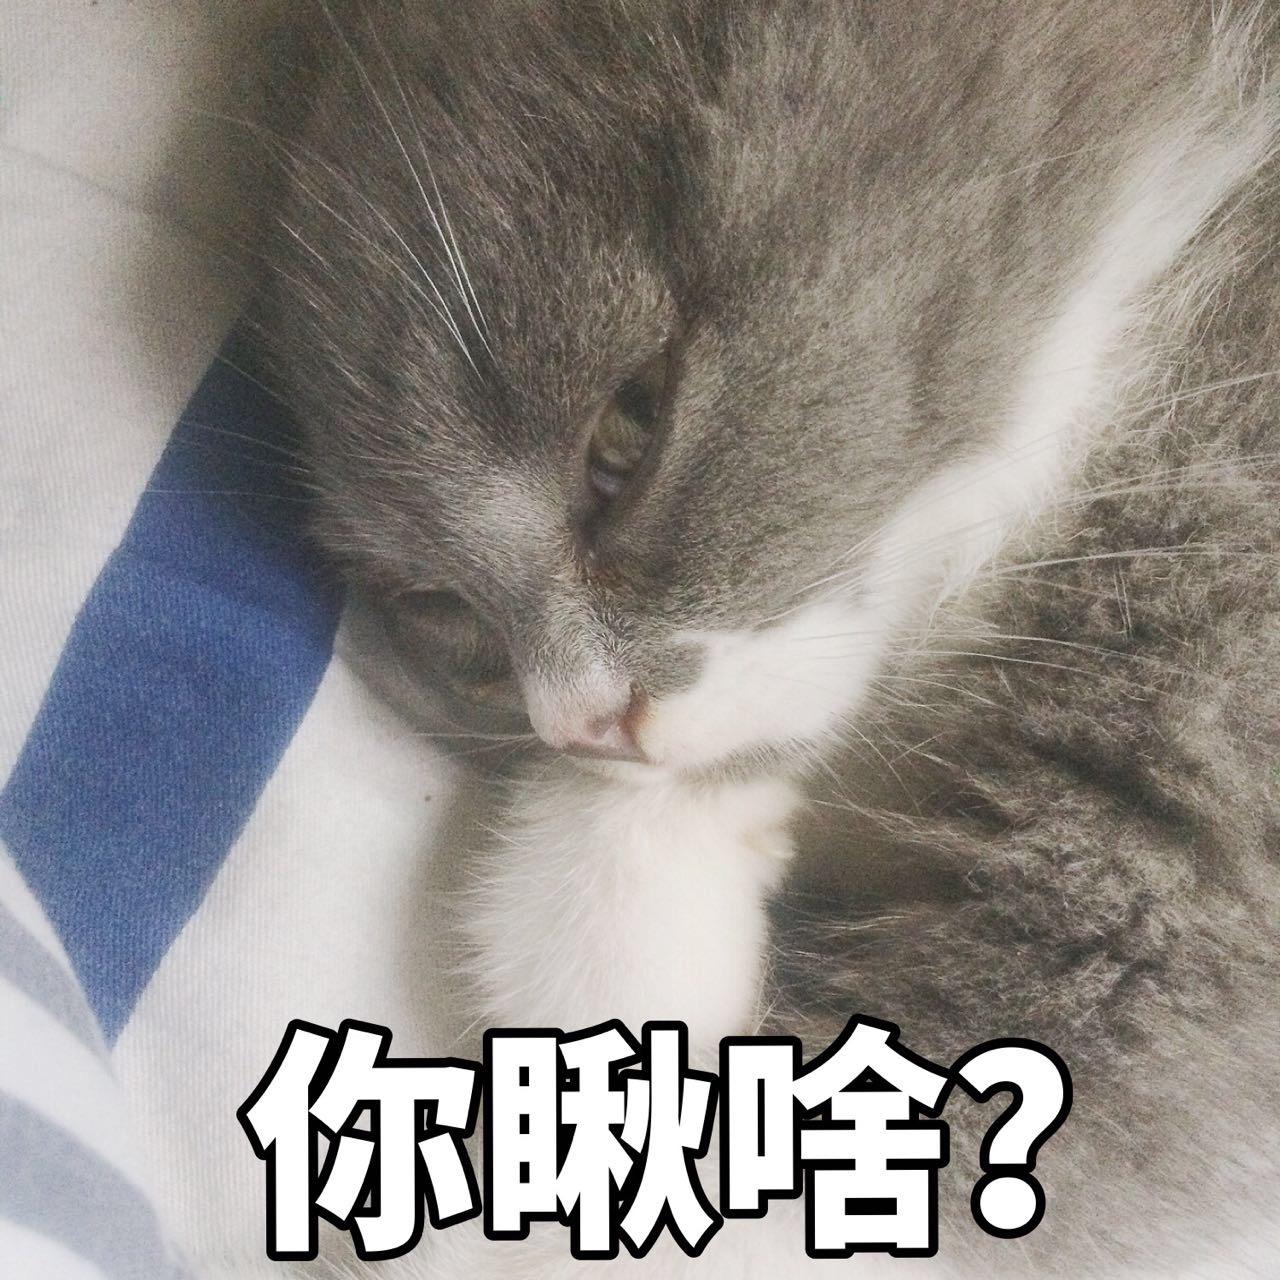 表情猫咪表情包黑火魂净3307:暗中v表情!走开1,你丑到朕了!我的图片